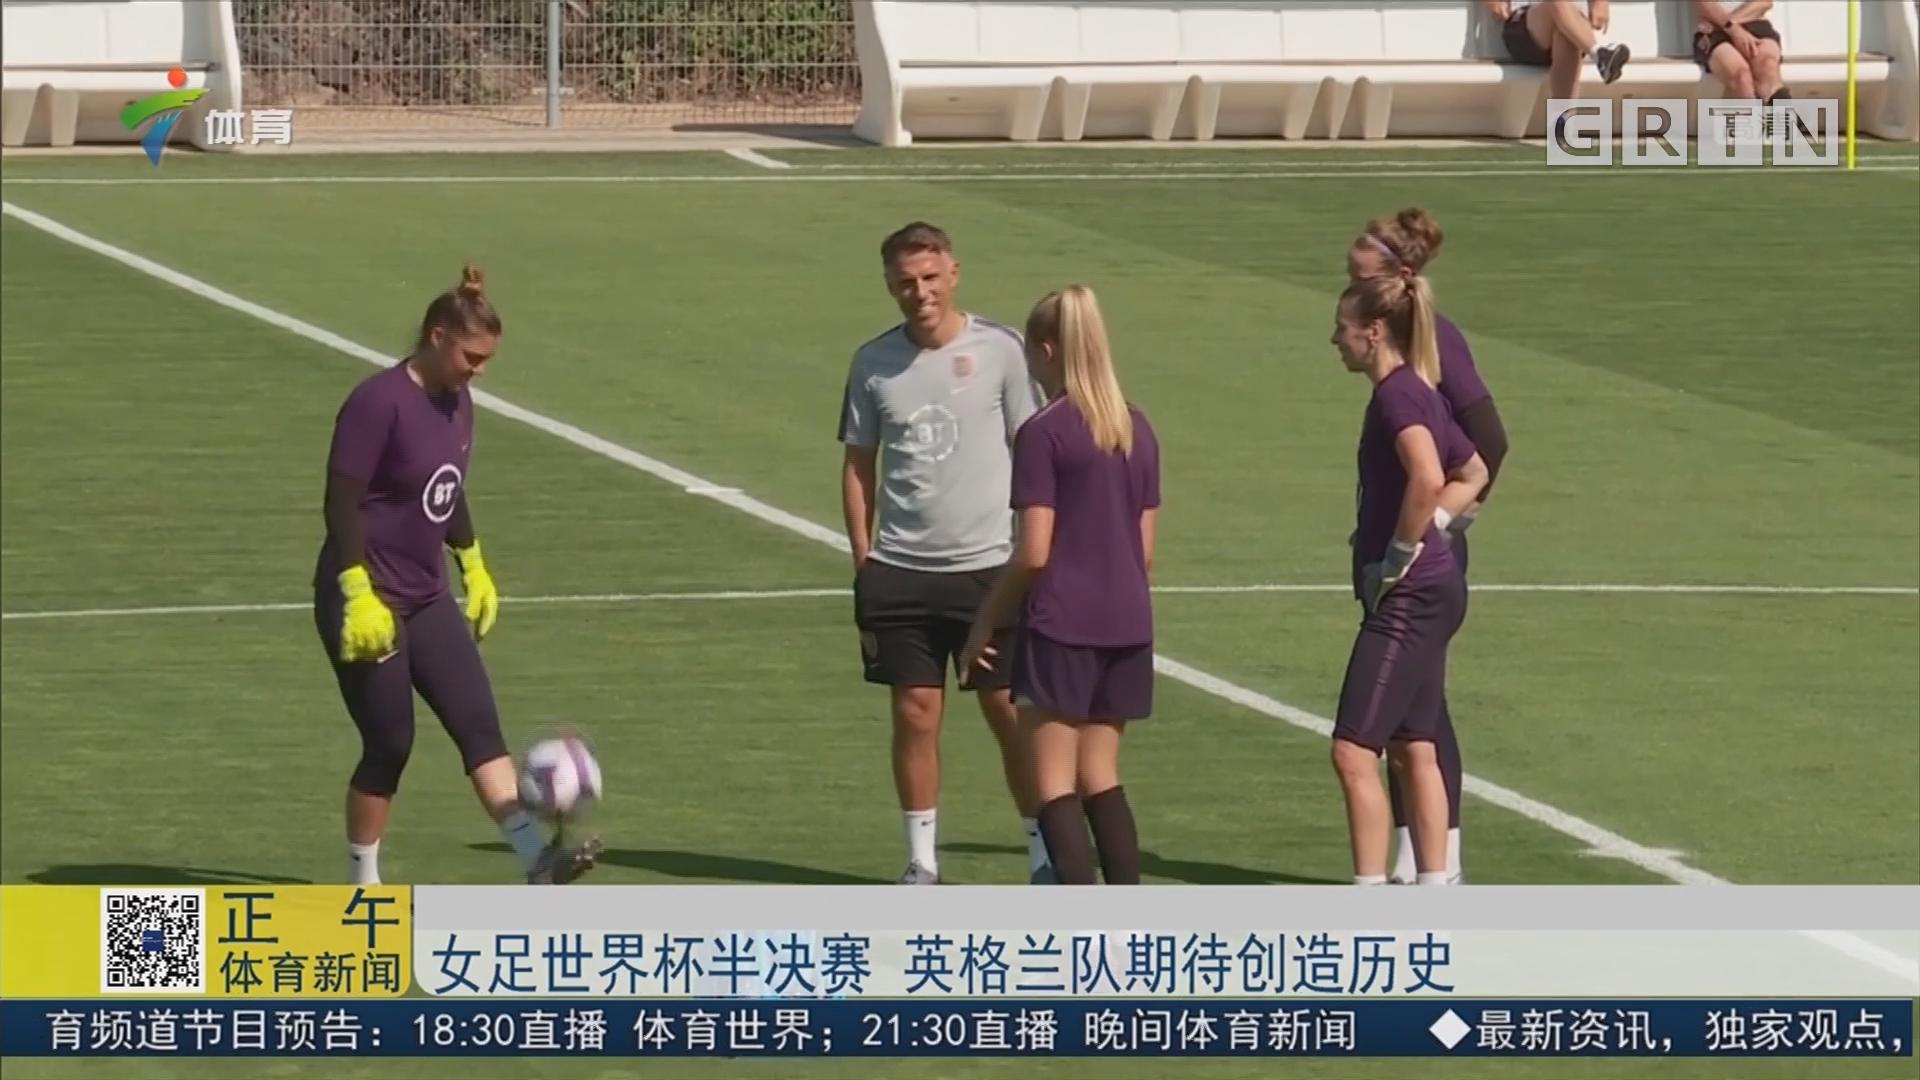 女足世界杯半决赛 英格兰队期待创造历史